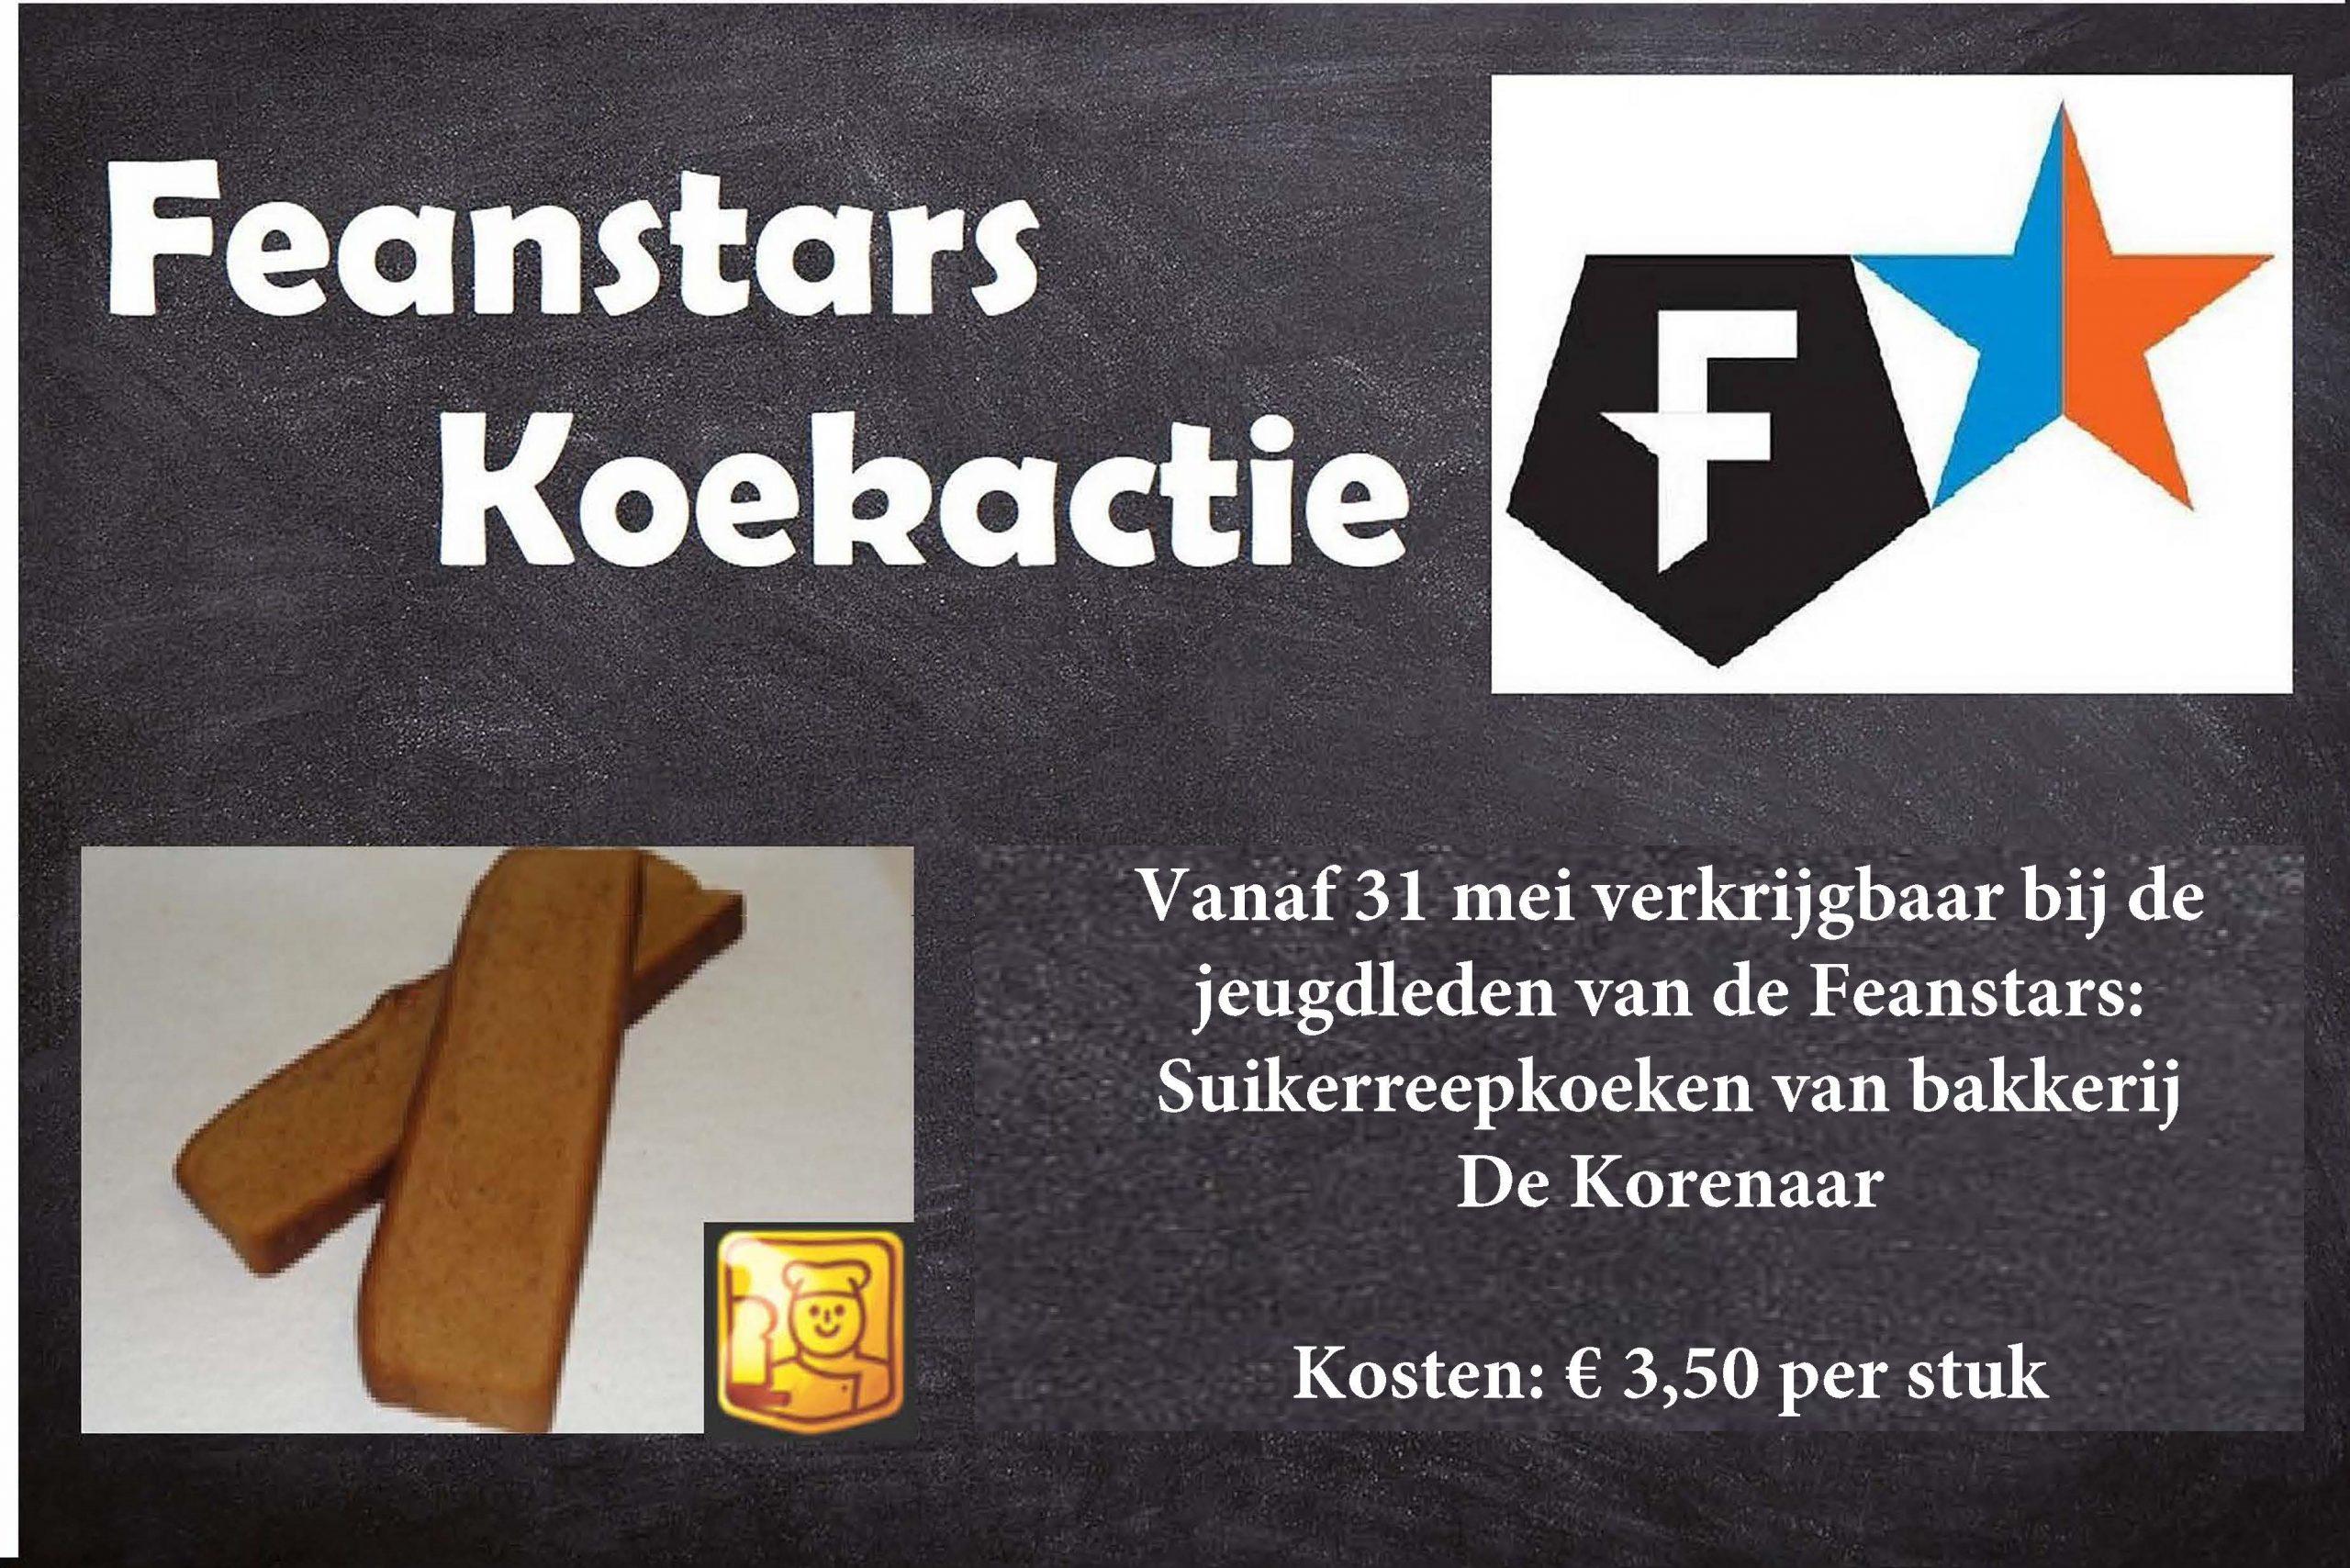 Koekactie SJO Feanstars